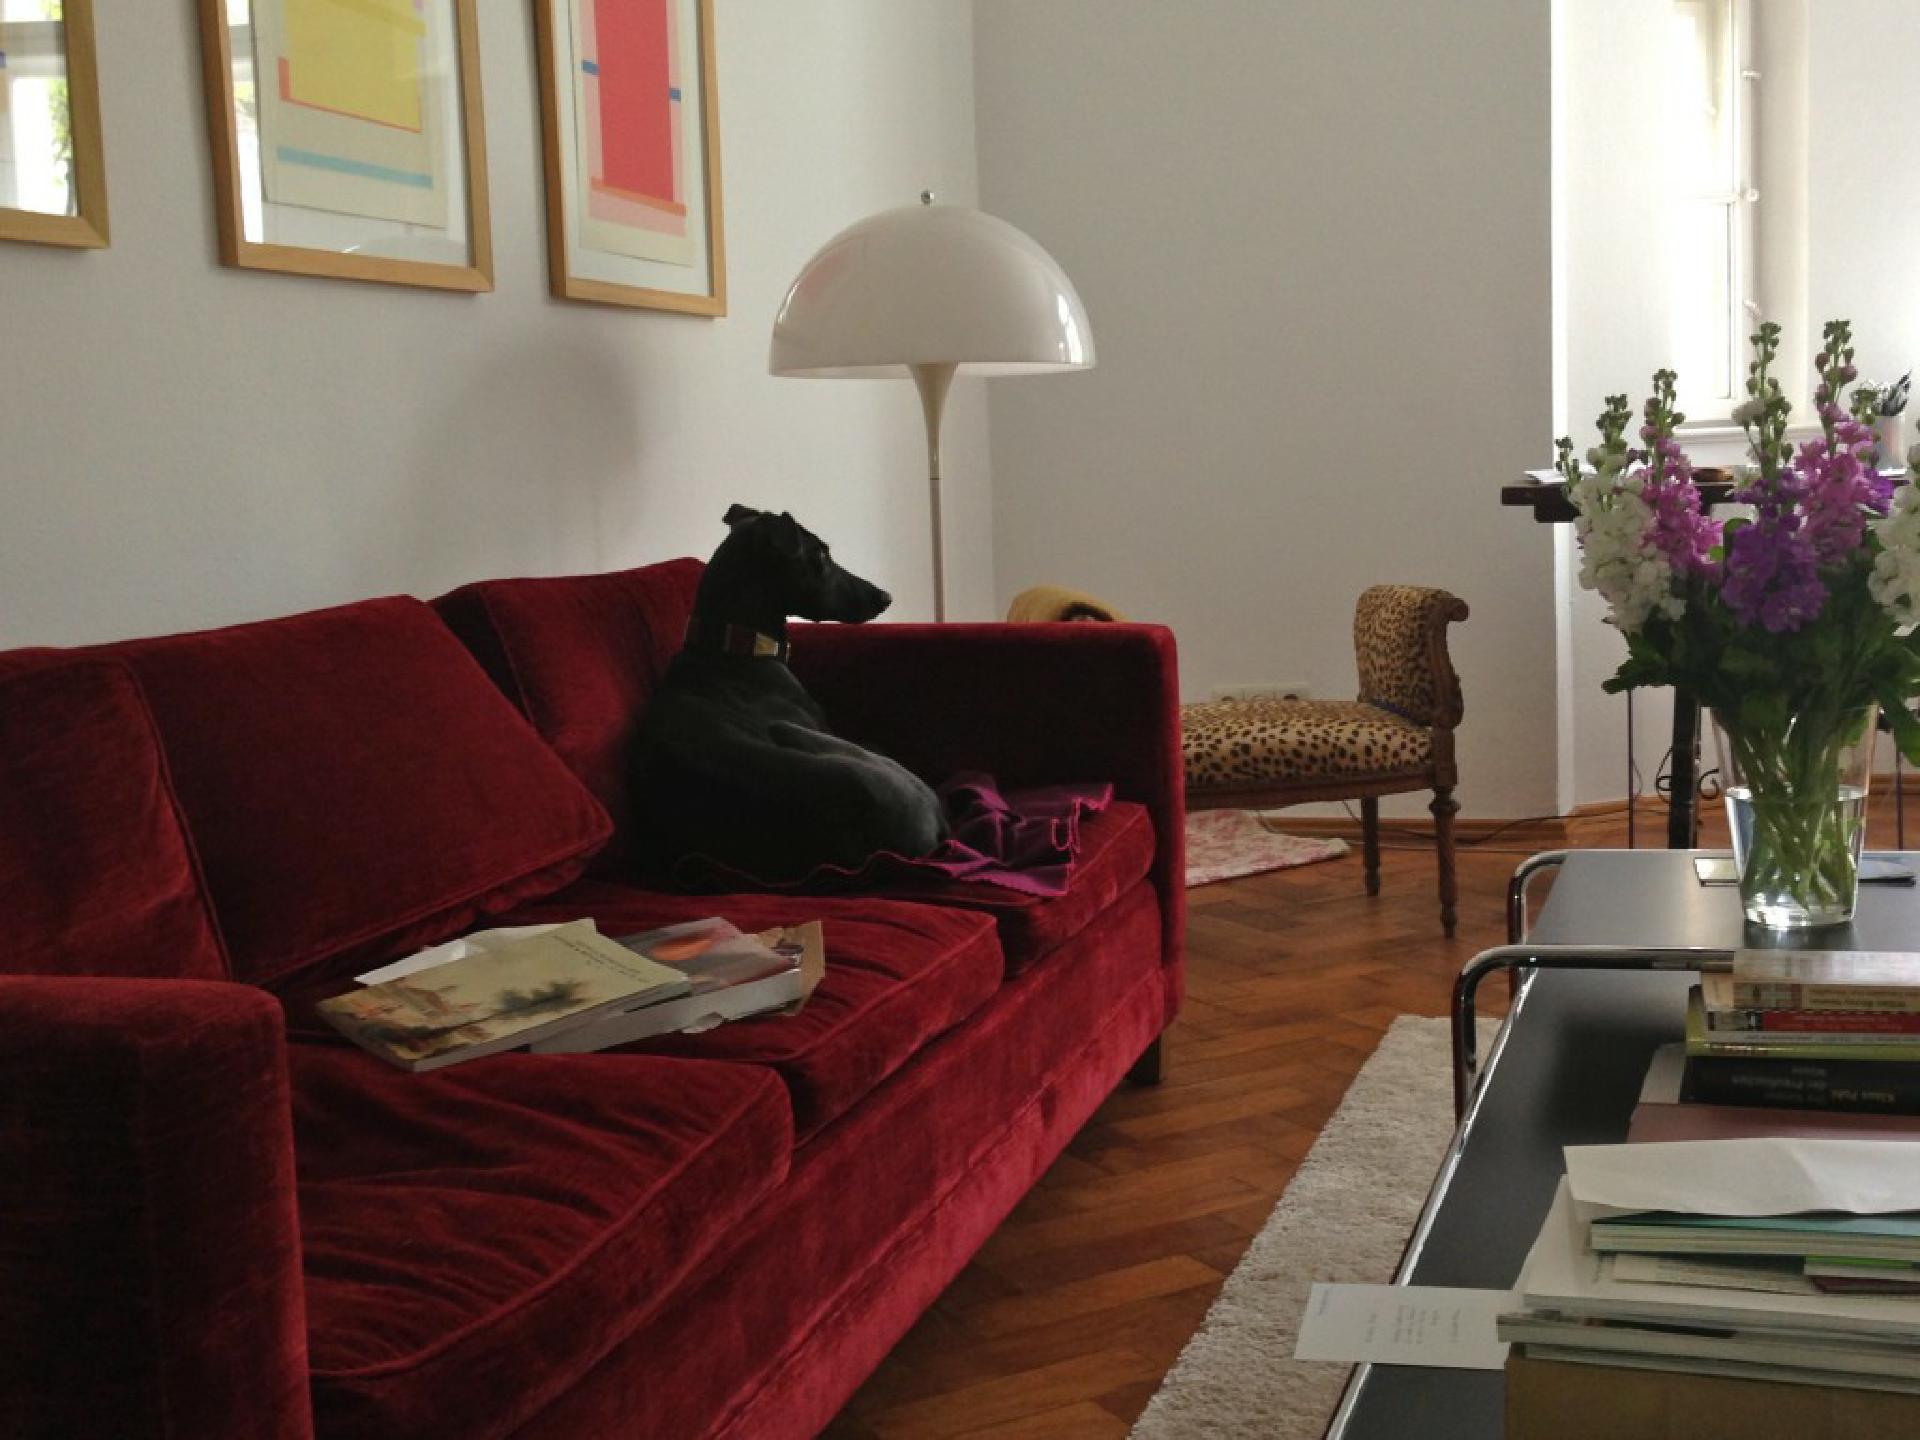 Wie schnell Hunde sich an Luxus gewöhnen: Egal, wo das Sofa steht - Hauptsache, es mit Samt bezogen, damit Monsieur sich besser in Szene setzen kann